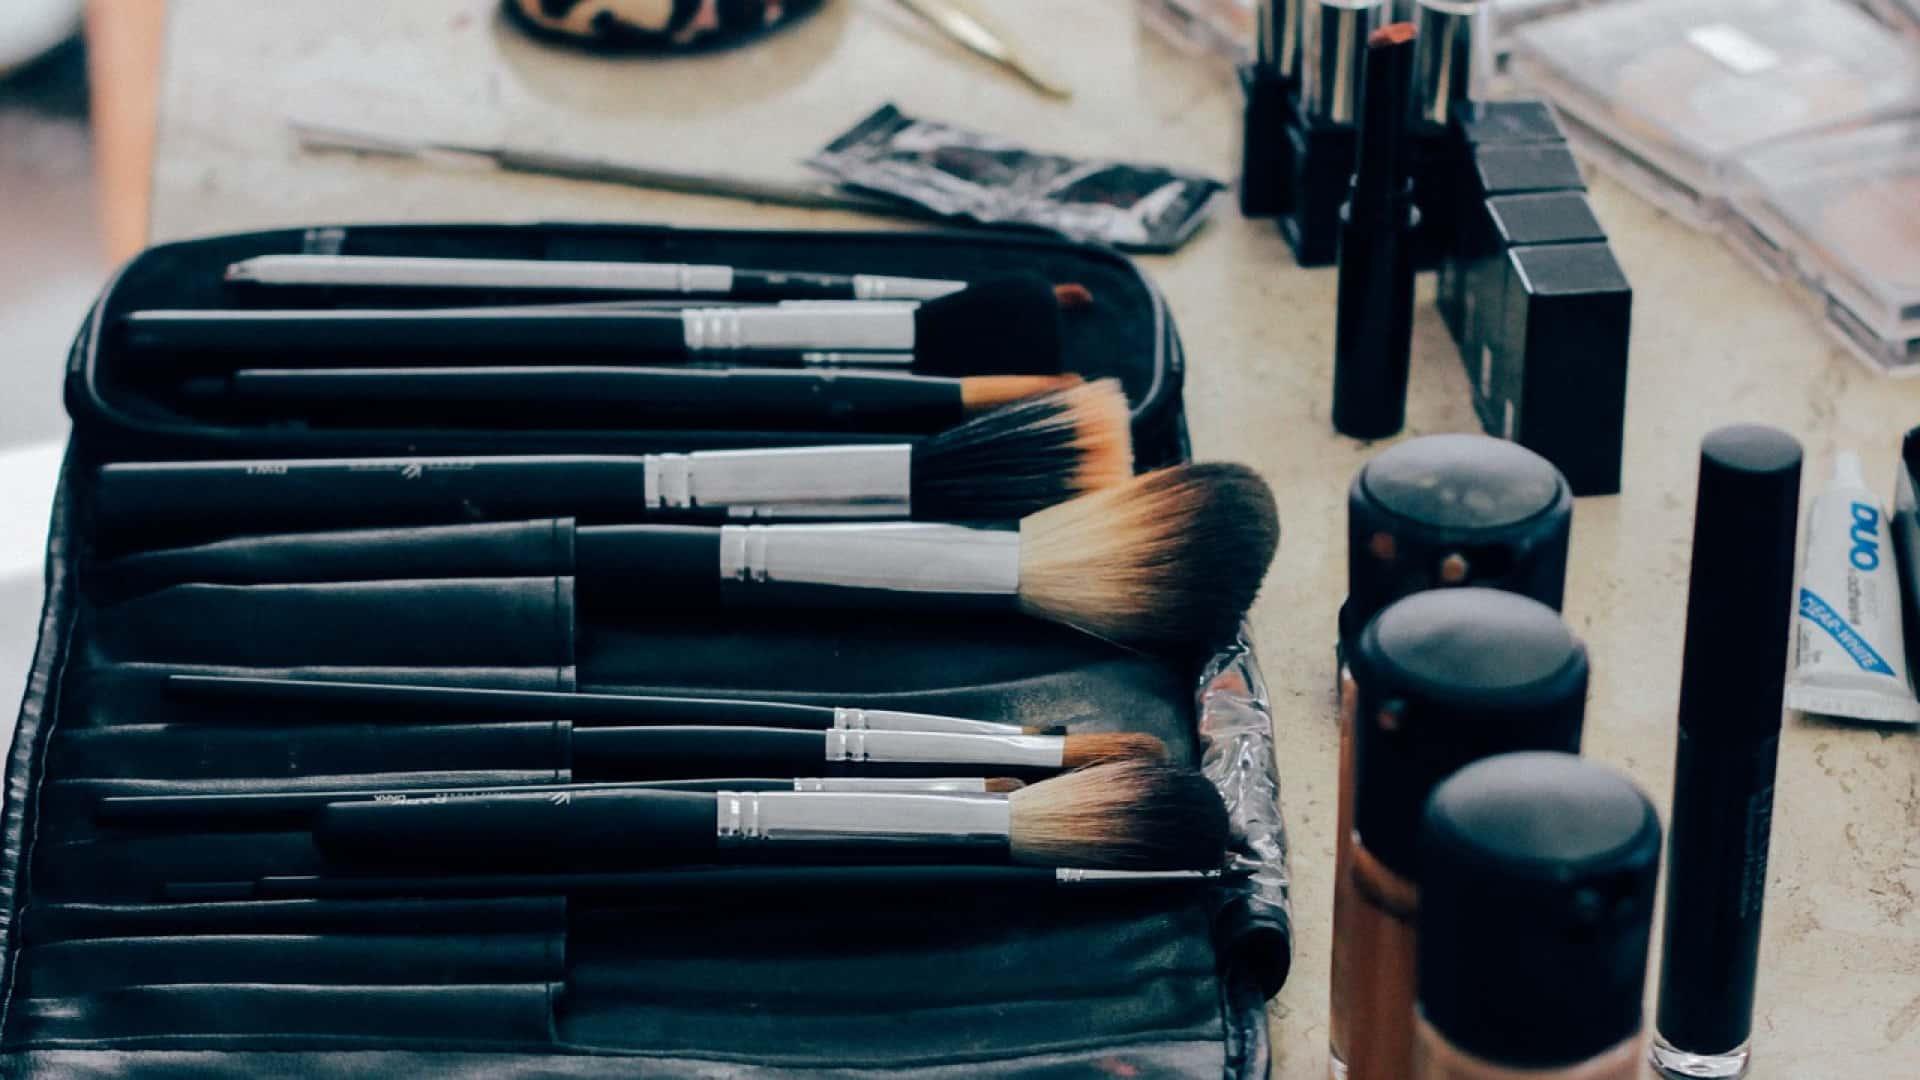 L'essentiel sur l'achat de maquillage en ligne